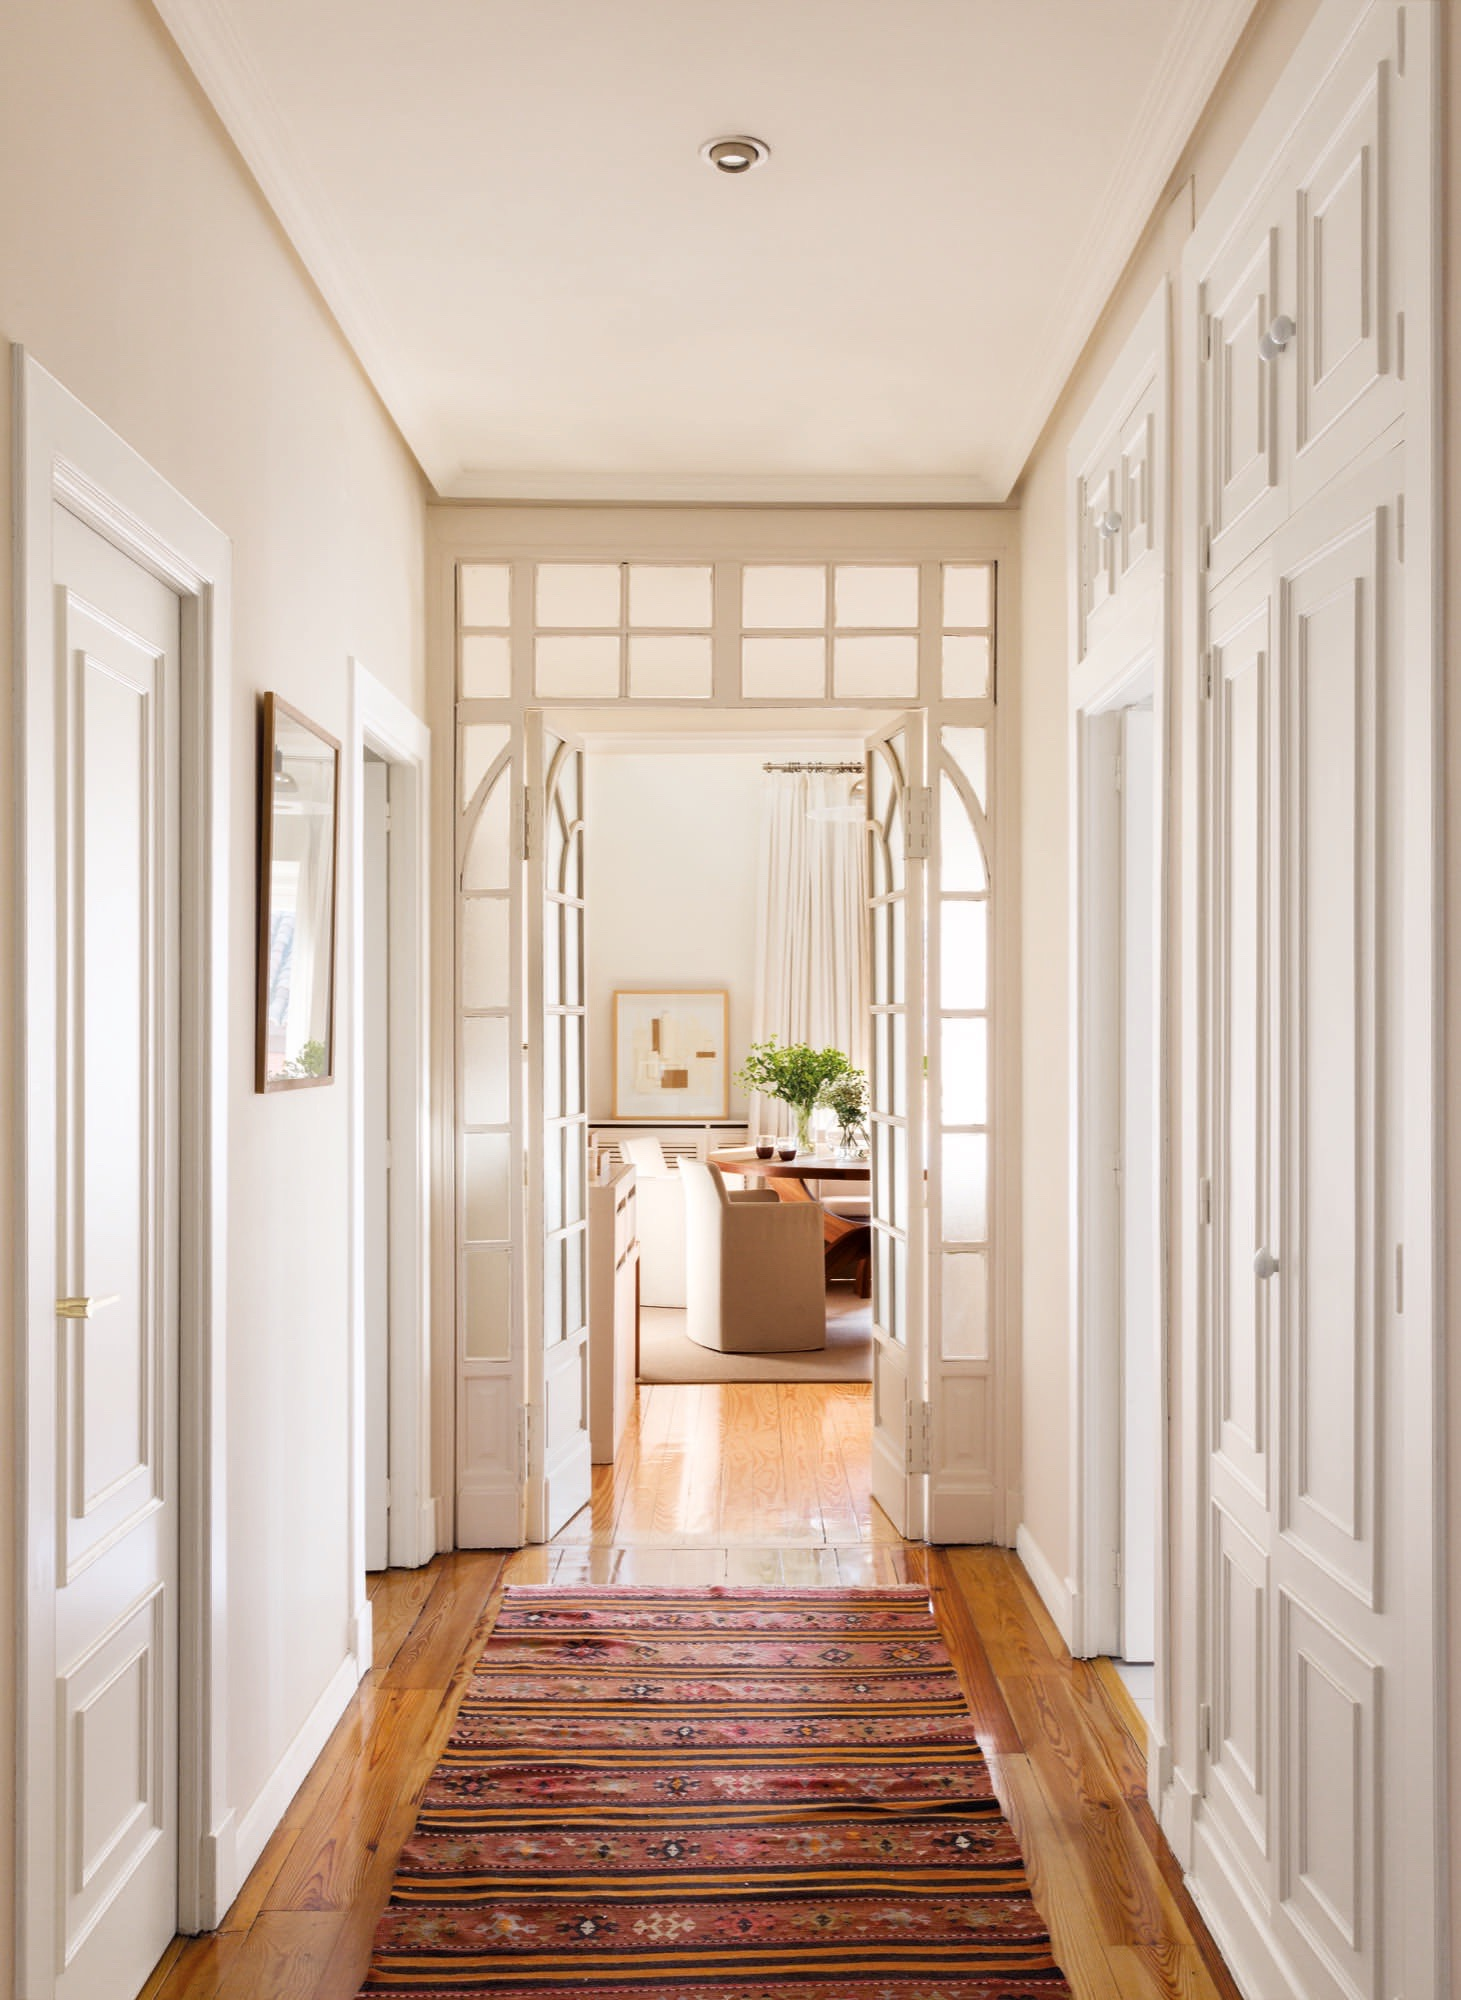 Visitamos 8 casas muy distintas por toda espa a for Casas con puertas blancas